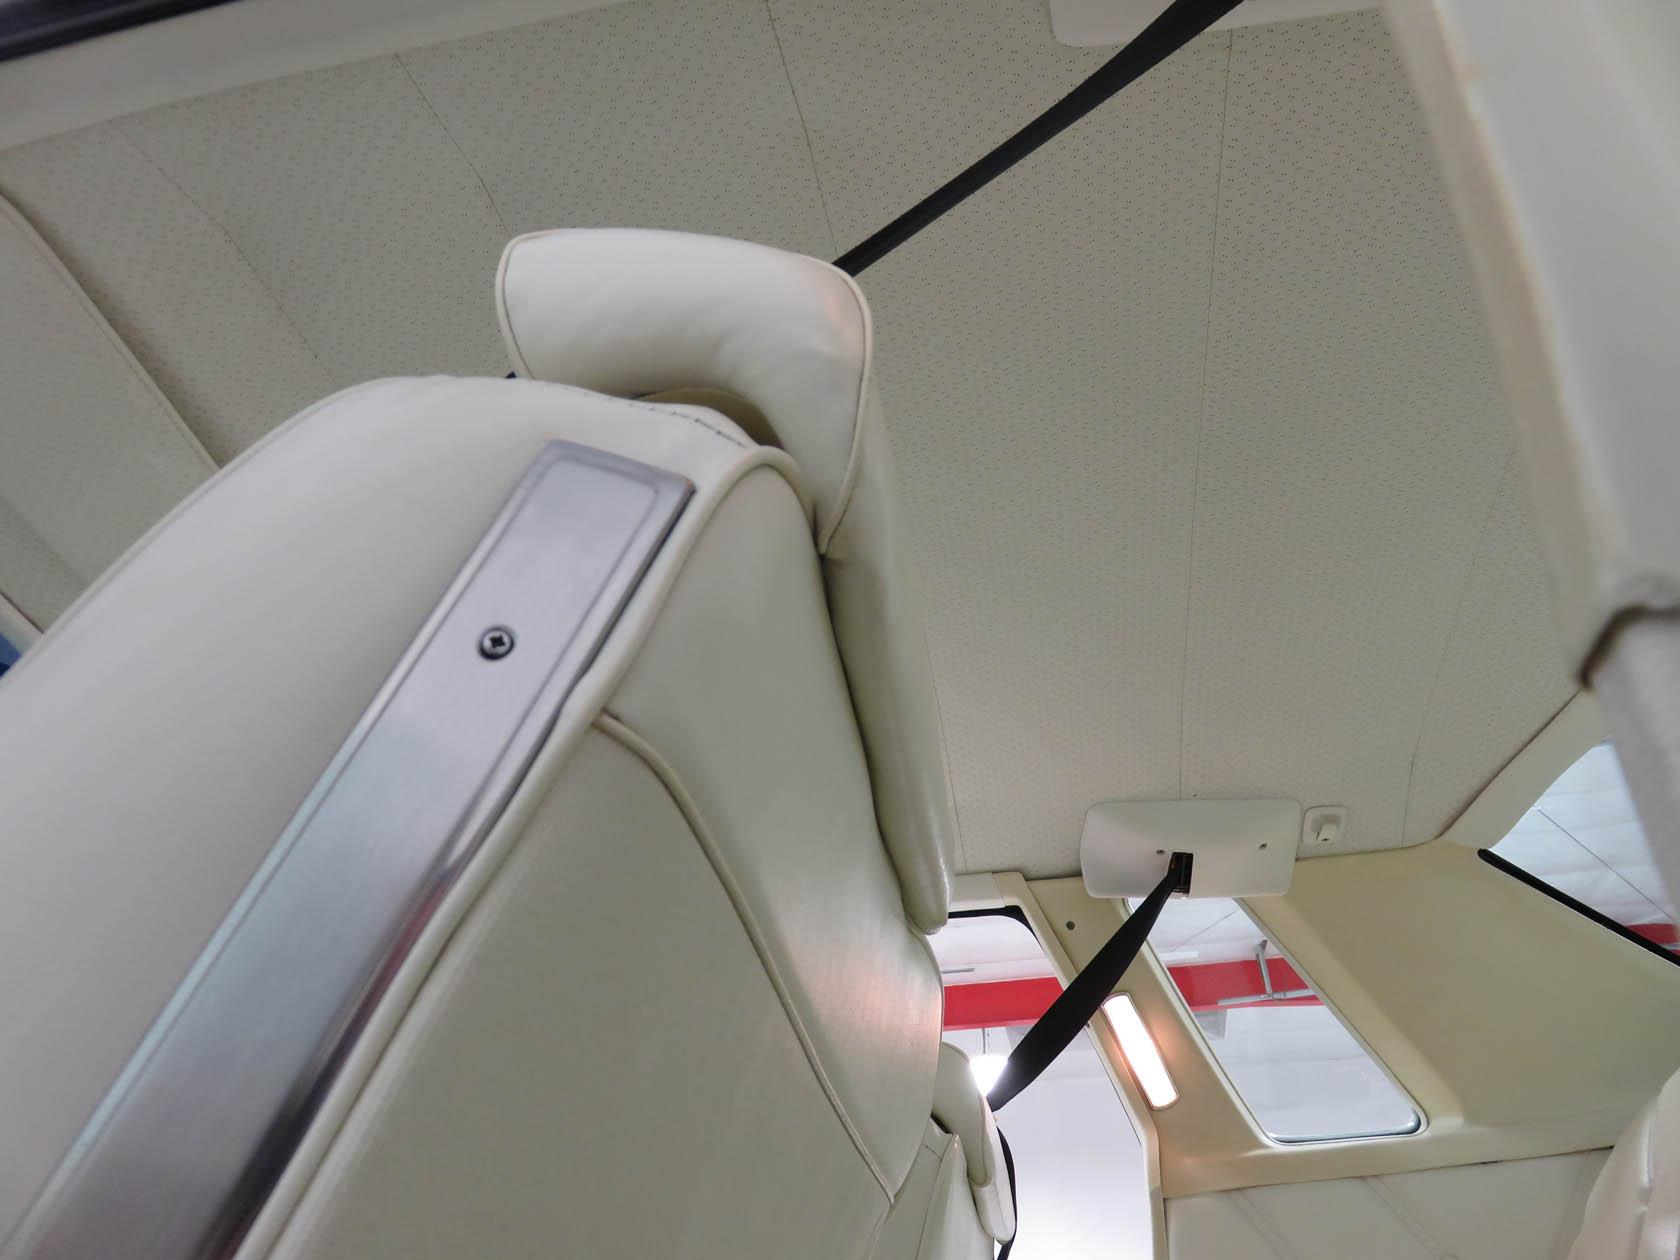 Michael Esposito - 1974 Oldsmobile Cutlasss Supreme 488